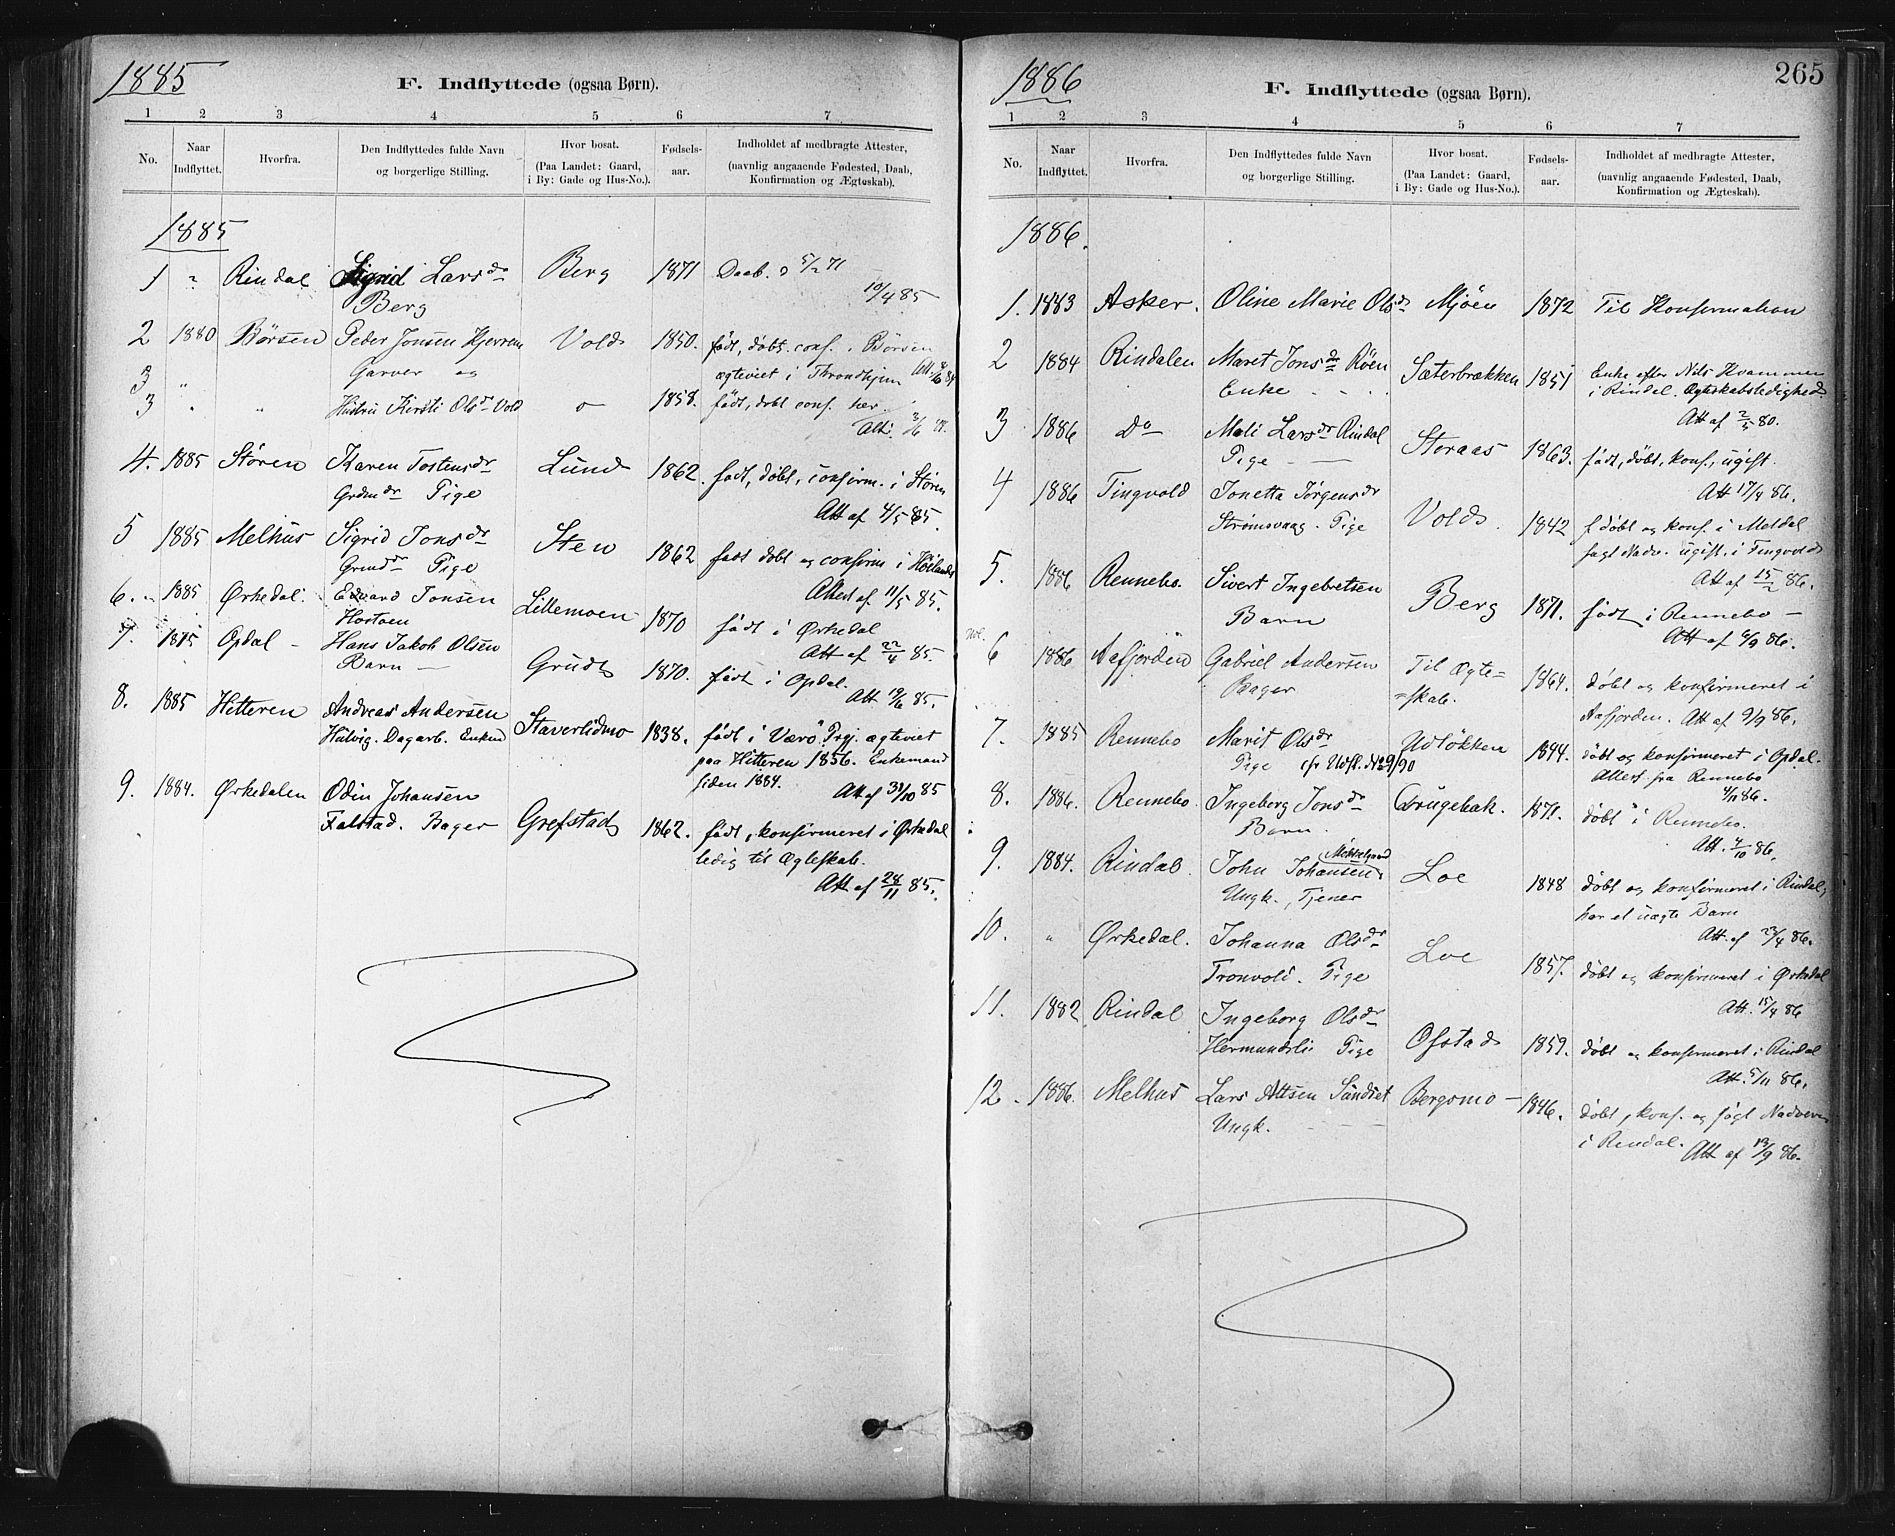 SAT, Ministerialprotokoller, klokkerbøker og fødselsregistre - Sør-Trøndelag, 672/L0857: Ministerialbok nr. 672A09, 1882-1893, s. 265